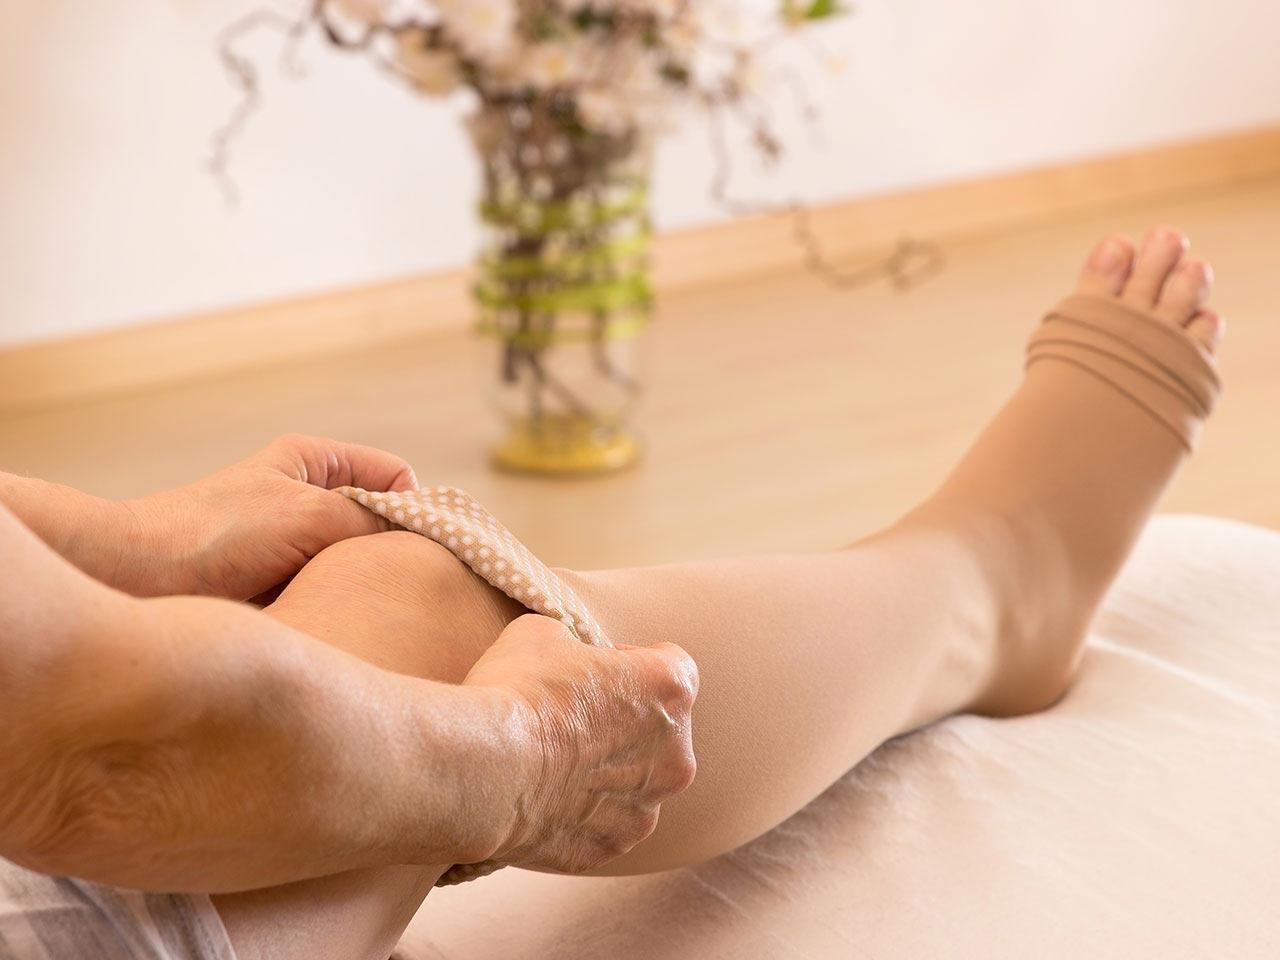 Что такое варикоз вен? Причины, профилактика и лечение варикозного расширения вен